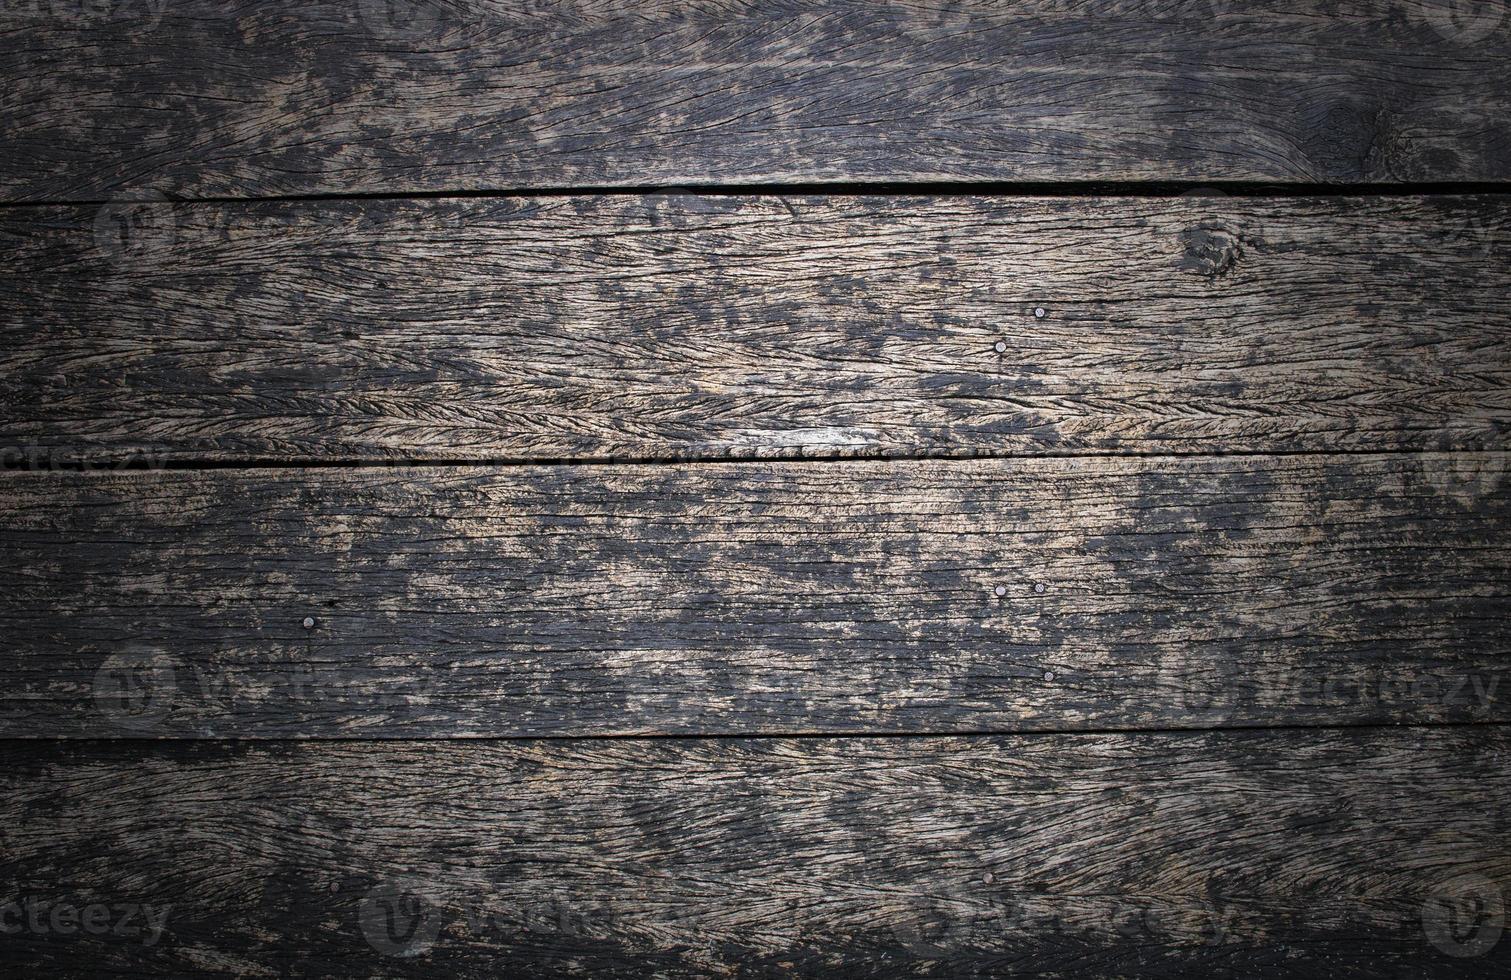 grunge y vintage antiguo fondo de madera oscura foto